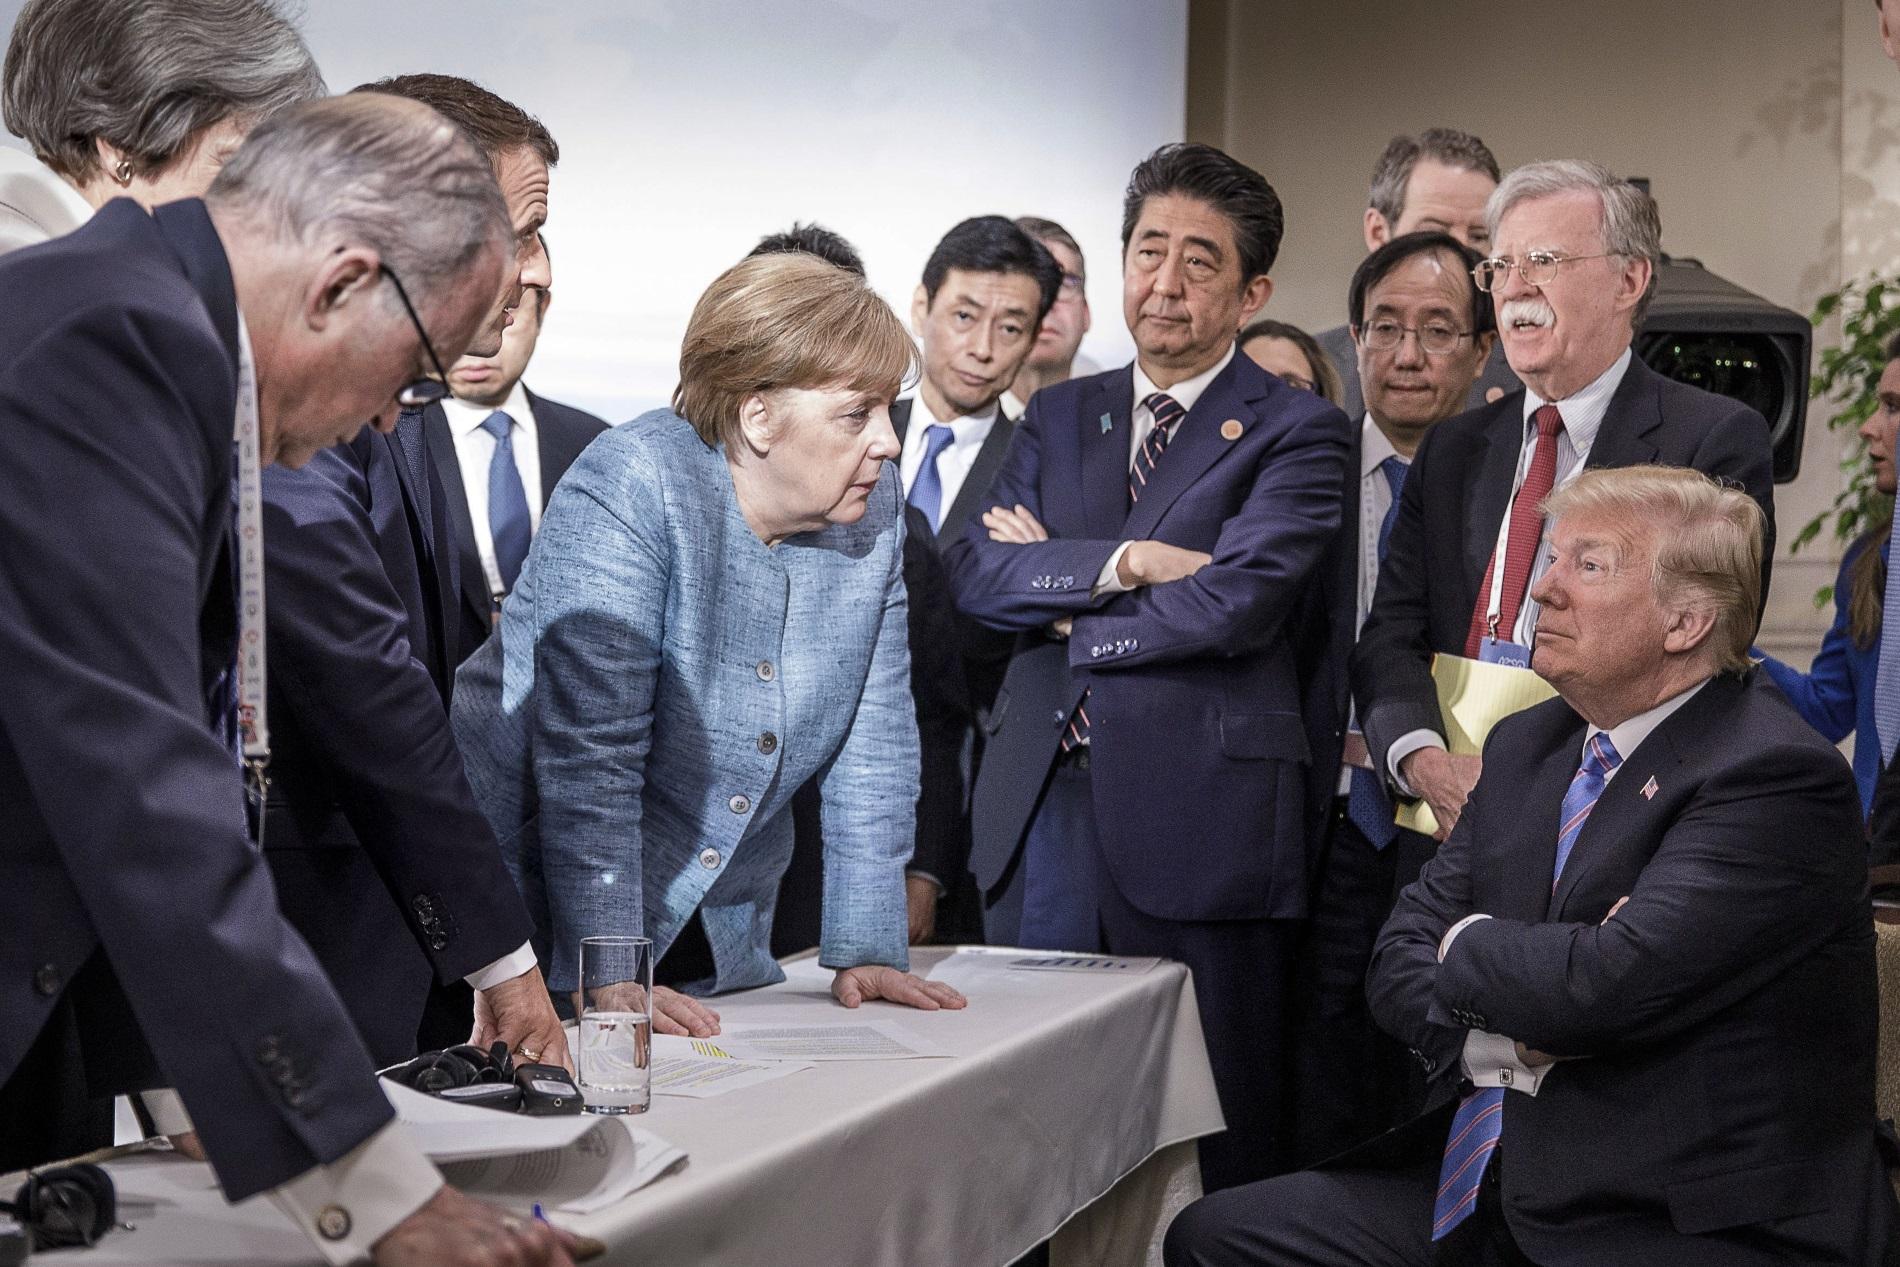 Снимката отсрещата на Г-7 в Канада,породила множество коментари - френският президент Емануел Макрон, германският канцлер Ангела Меркел, премиерът на Япония Шинзо Абе, американският президент Доналд Тръмп,9 юни 2018 г.